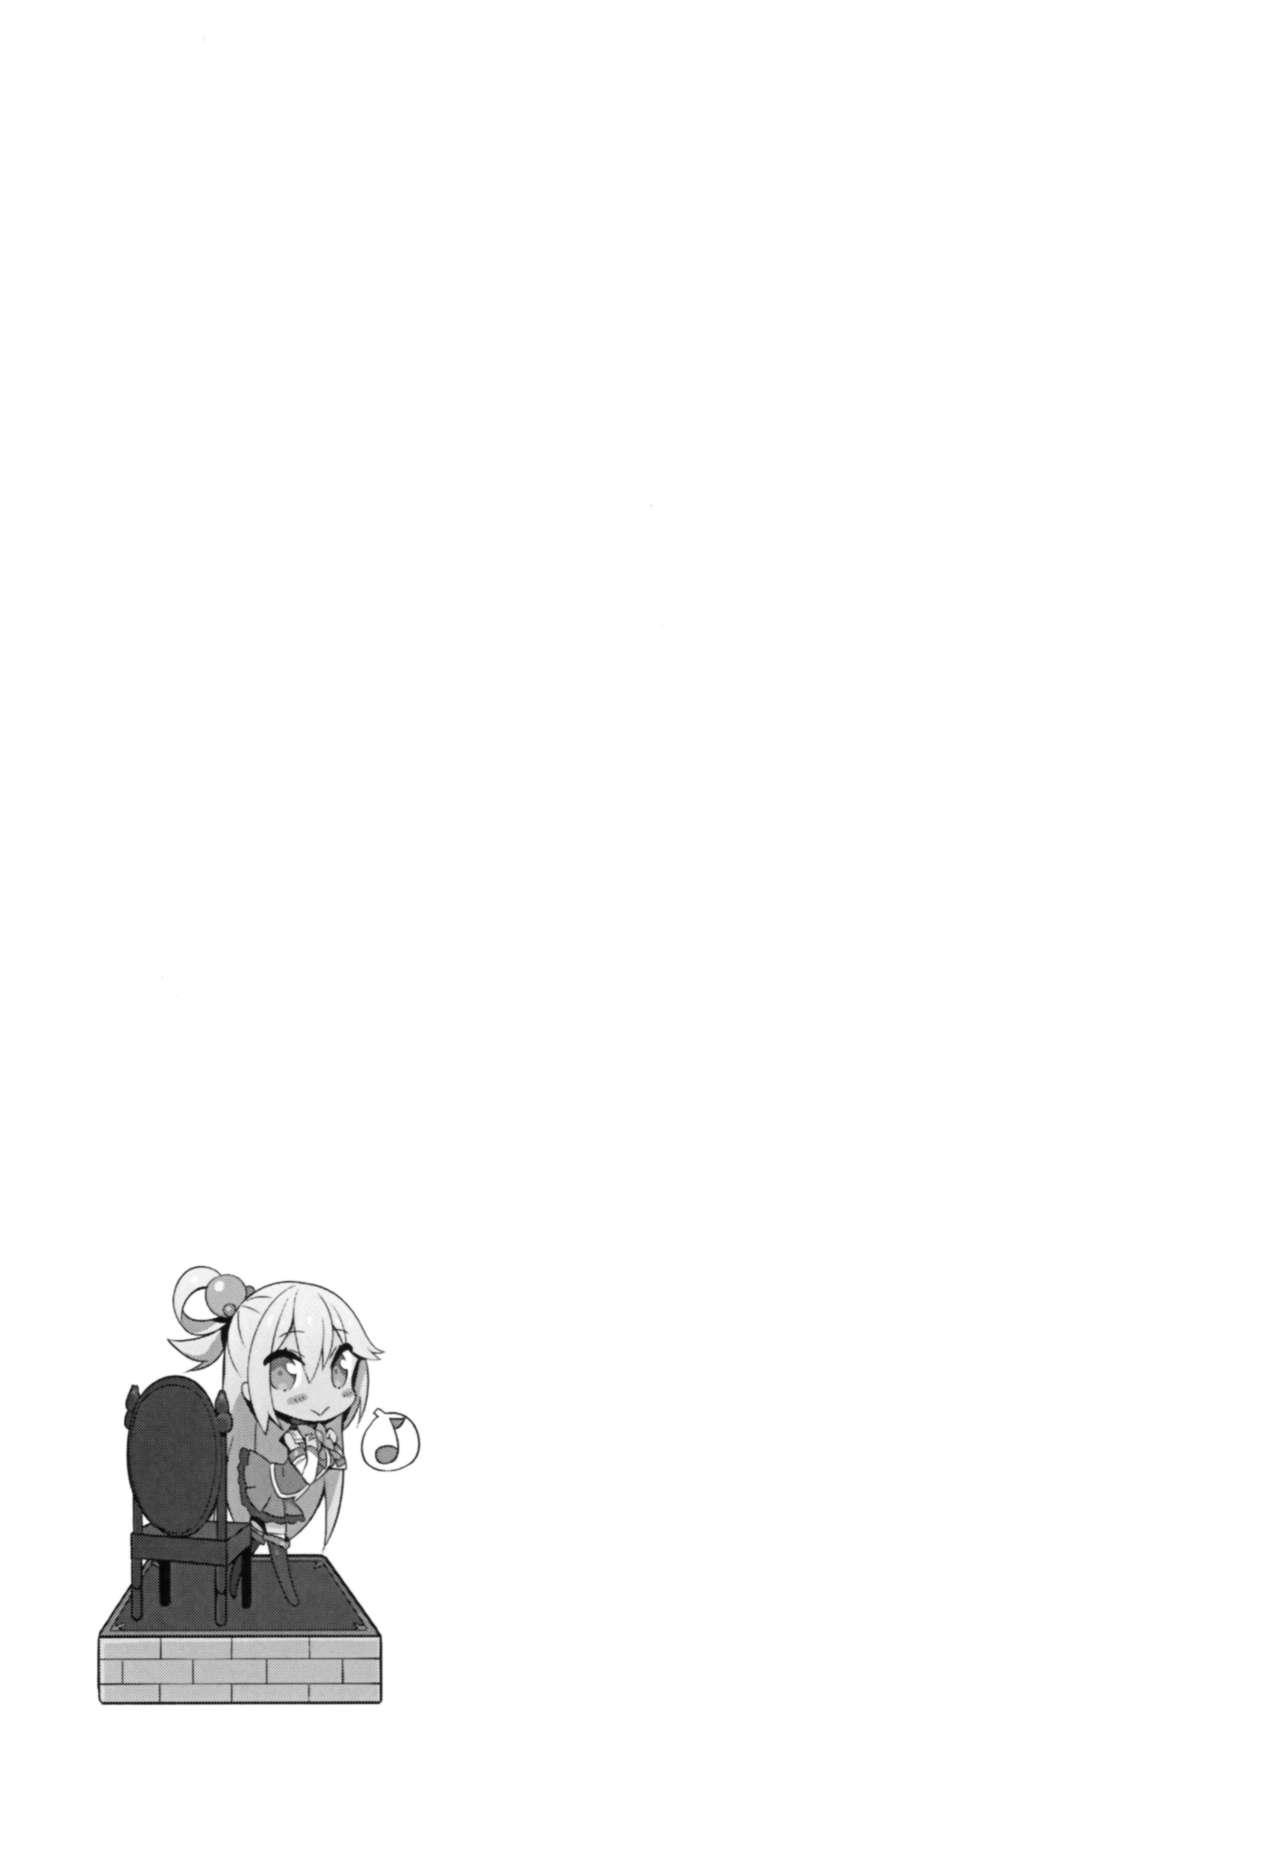 Kono Subarashii Megami-sama to Subarashii Hibi o! 2